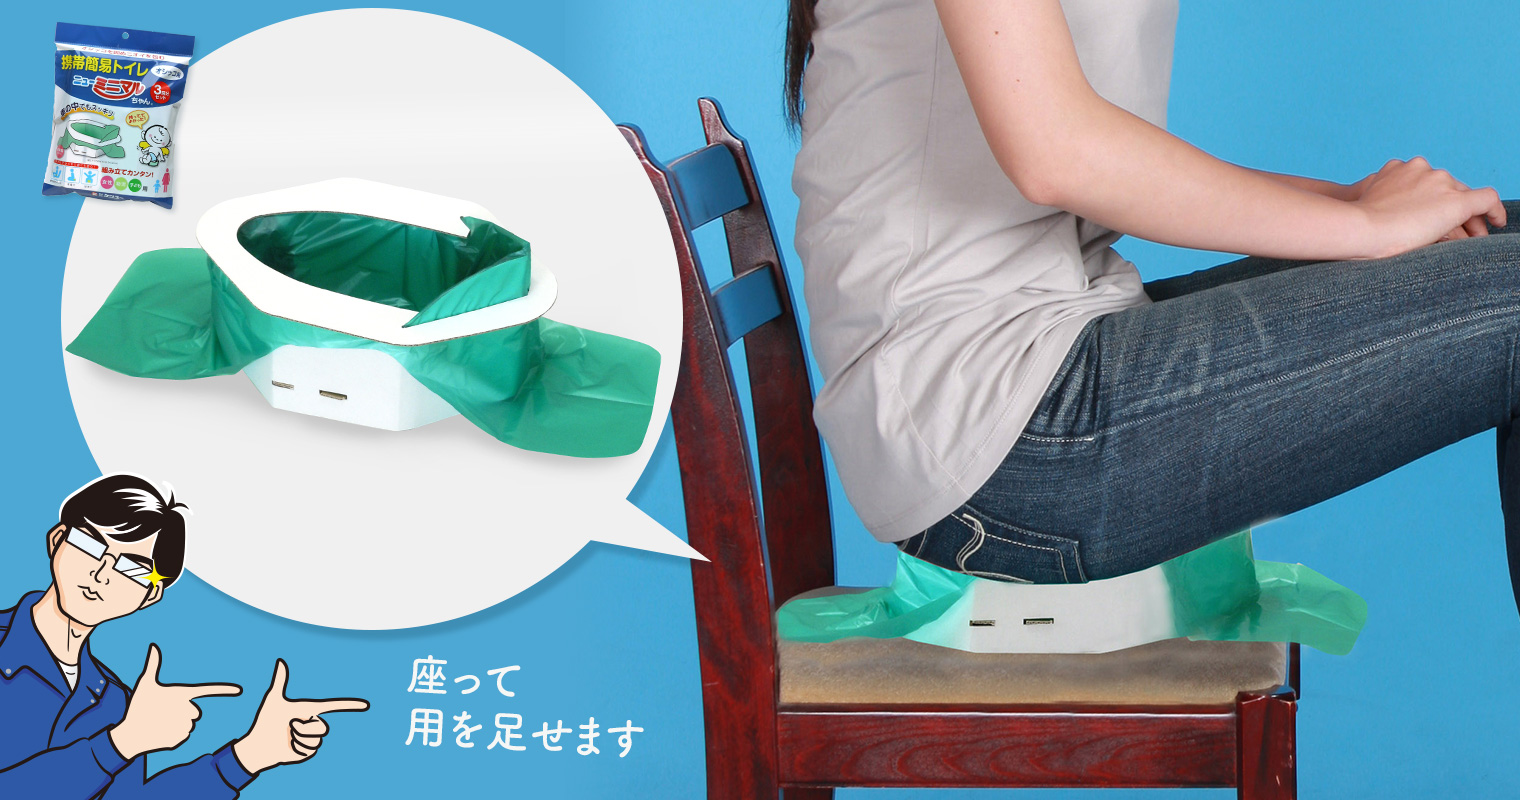 携帯簡易トイレミニマルは、座って用を足すことができます